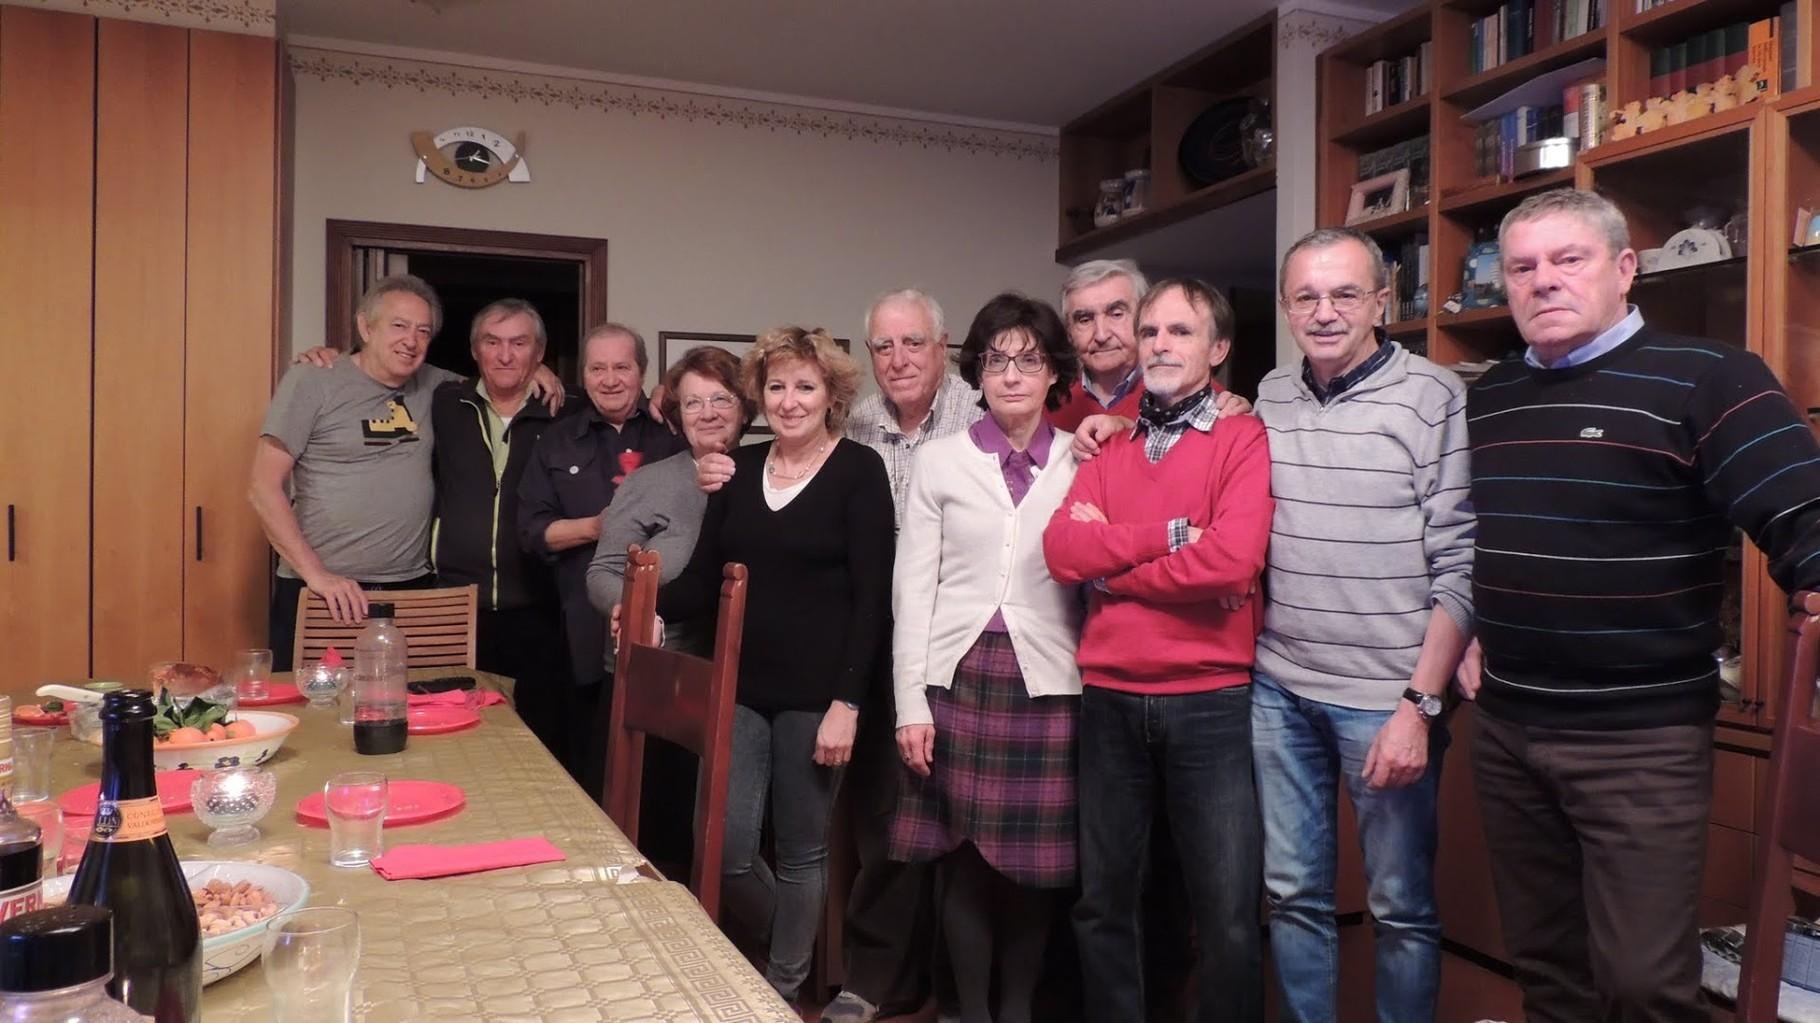 Foto di gruppo, da sinistra: Gabrio, Piero, Flavia, Norma, Flavia, Gianni P. Carla, Roberto, Vittorio, Gianni baffo e Giorgio